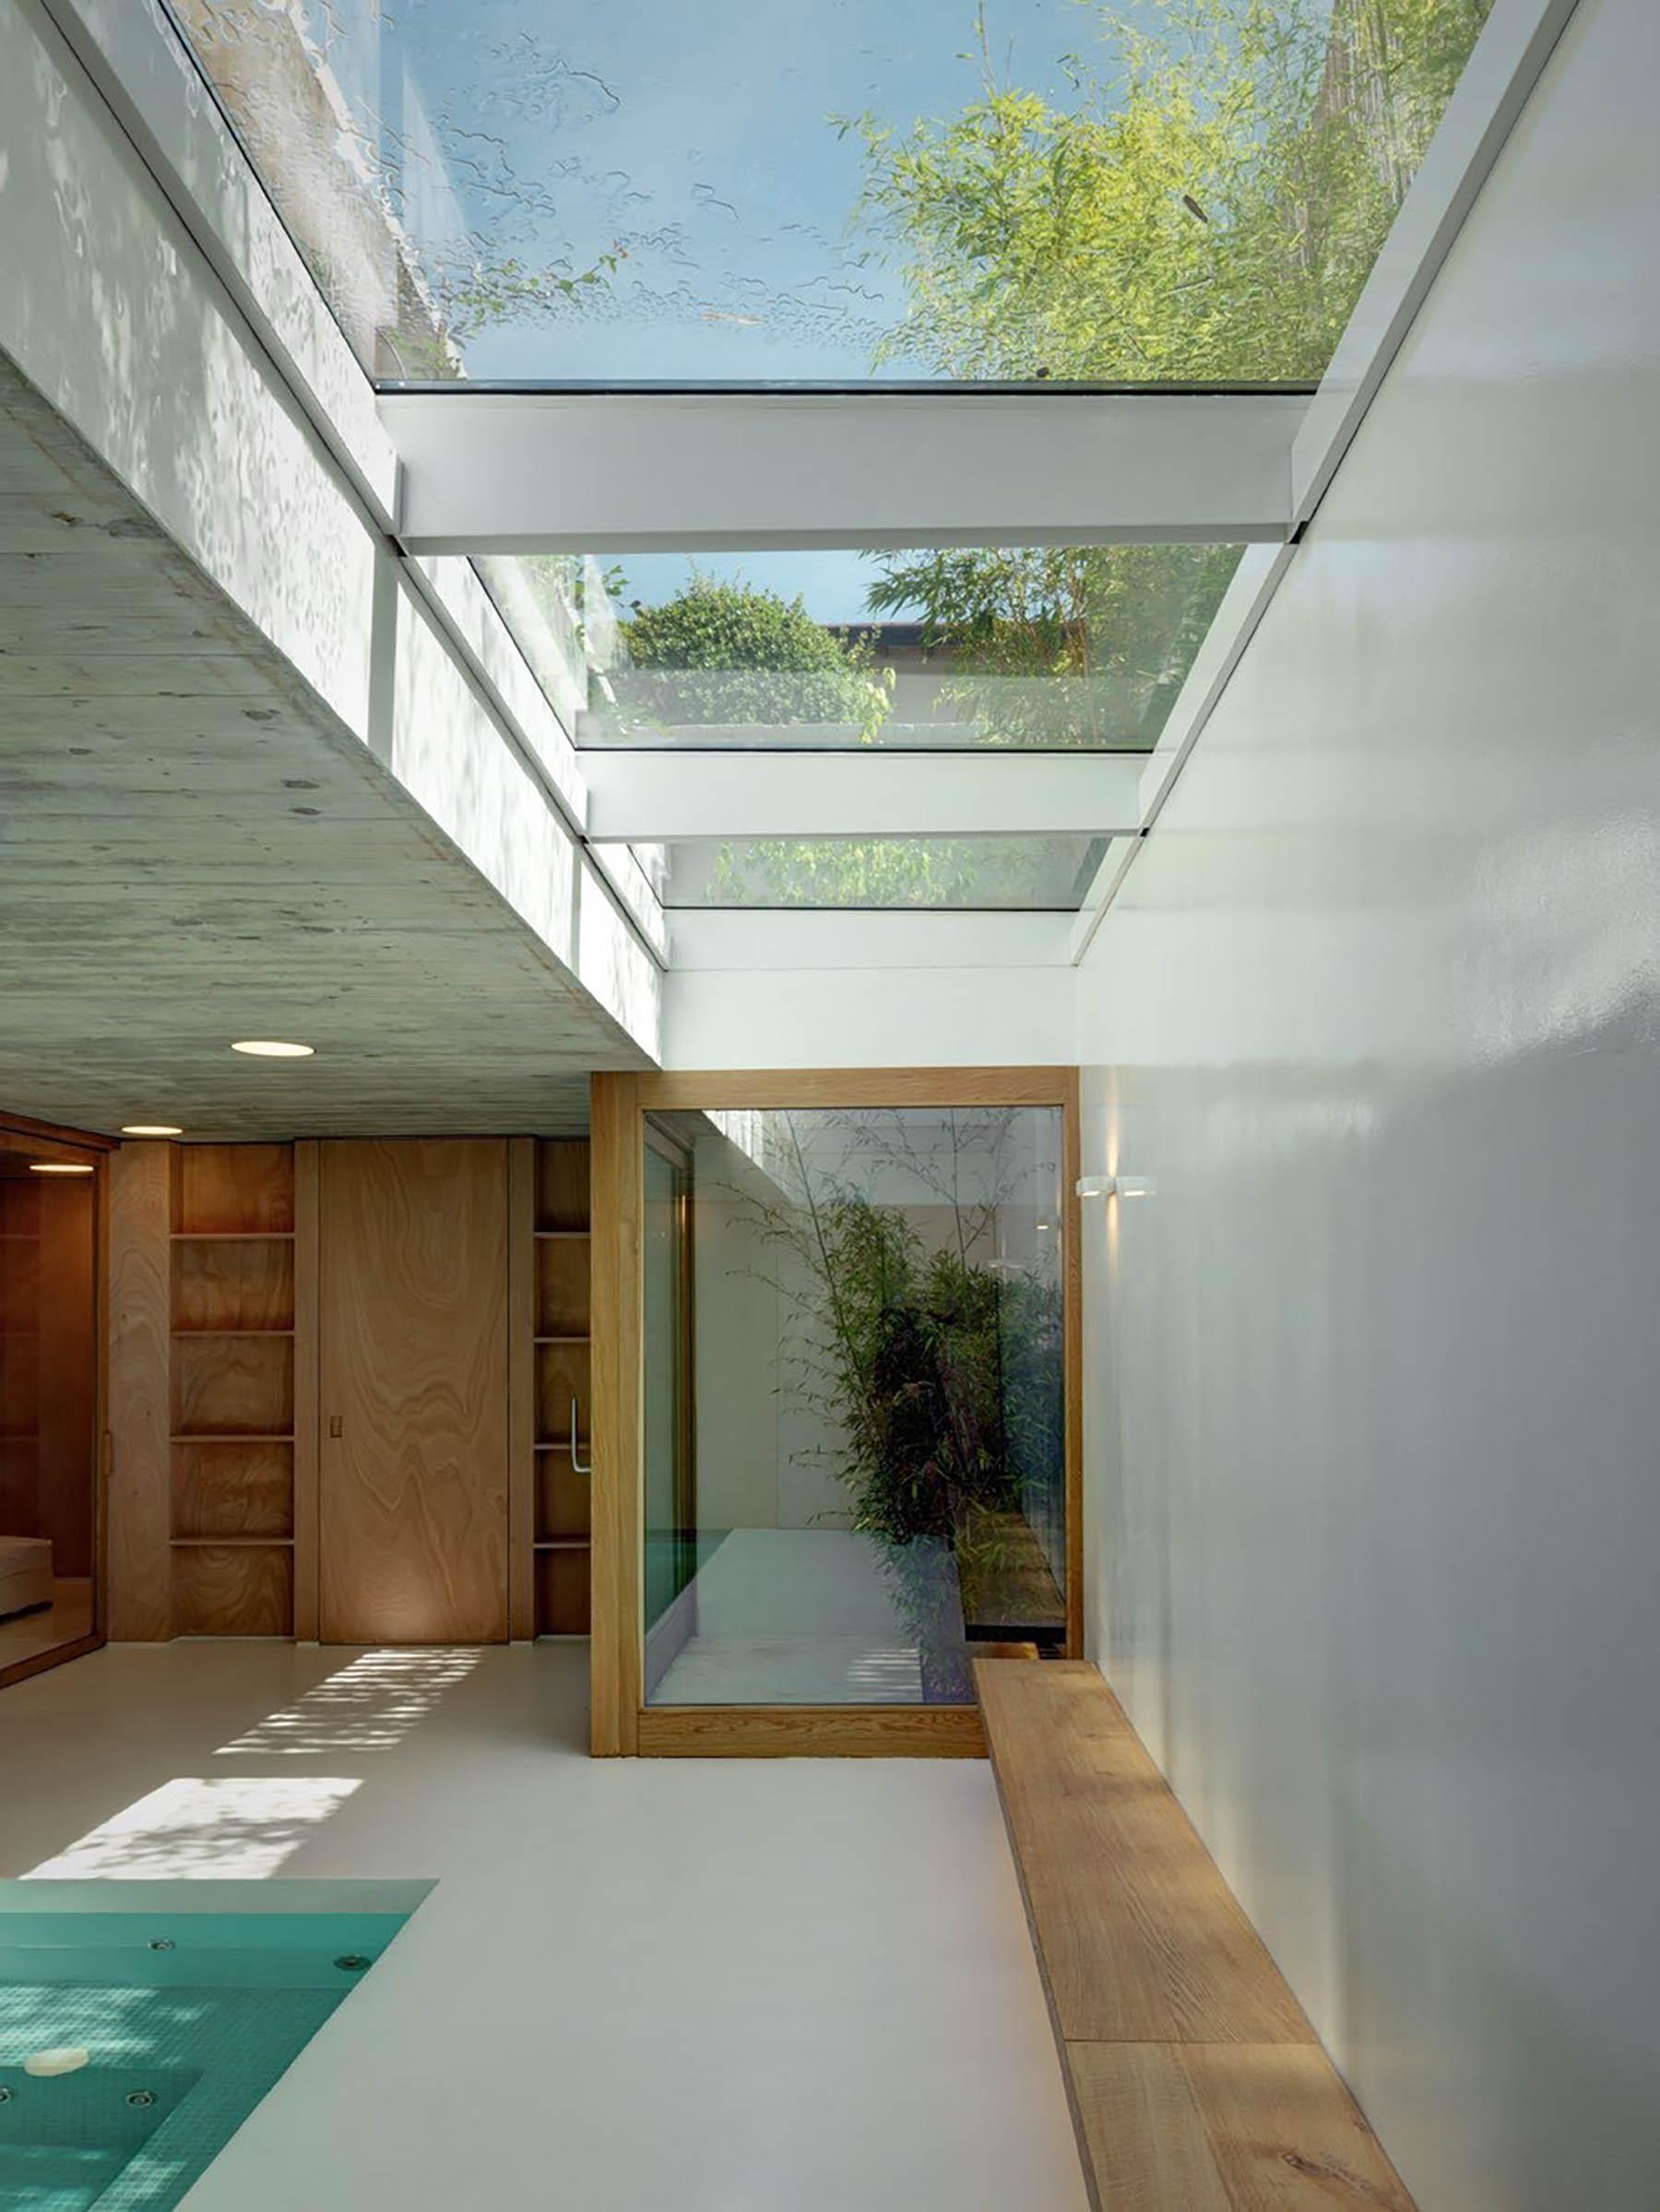 iGNANT-Architecture-Marco-Ortalli-Casa-Crb-023